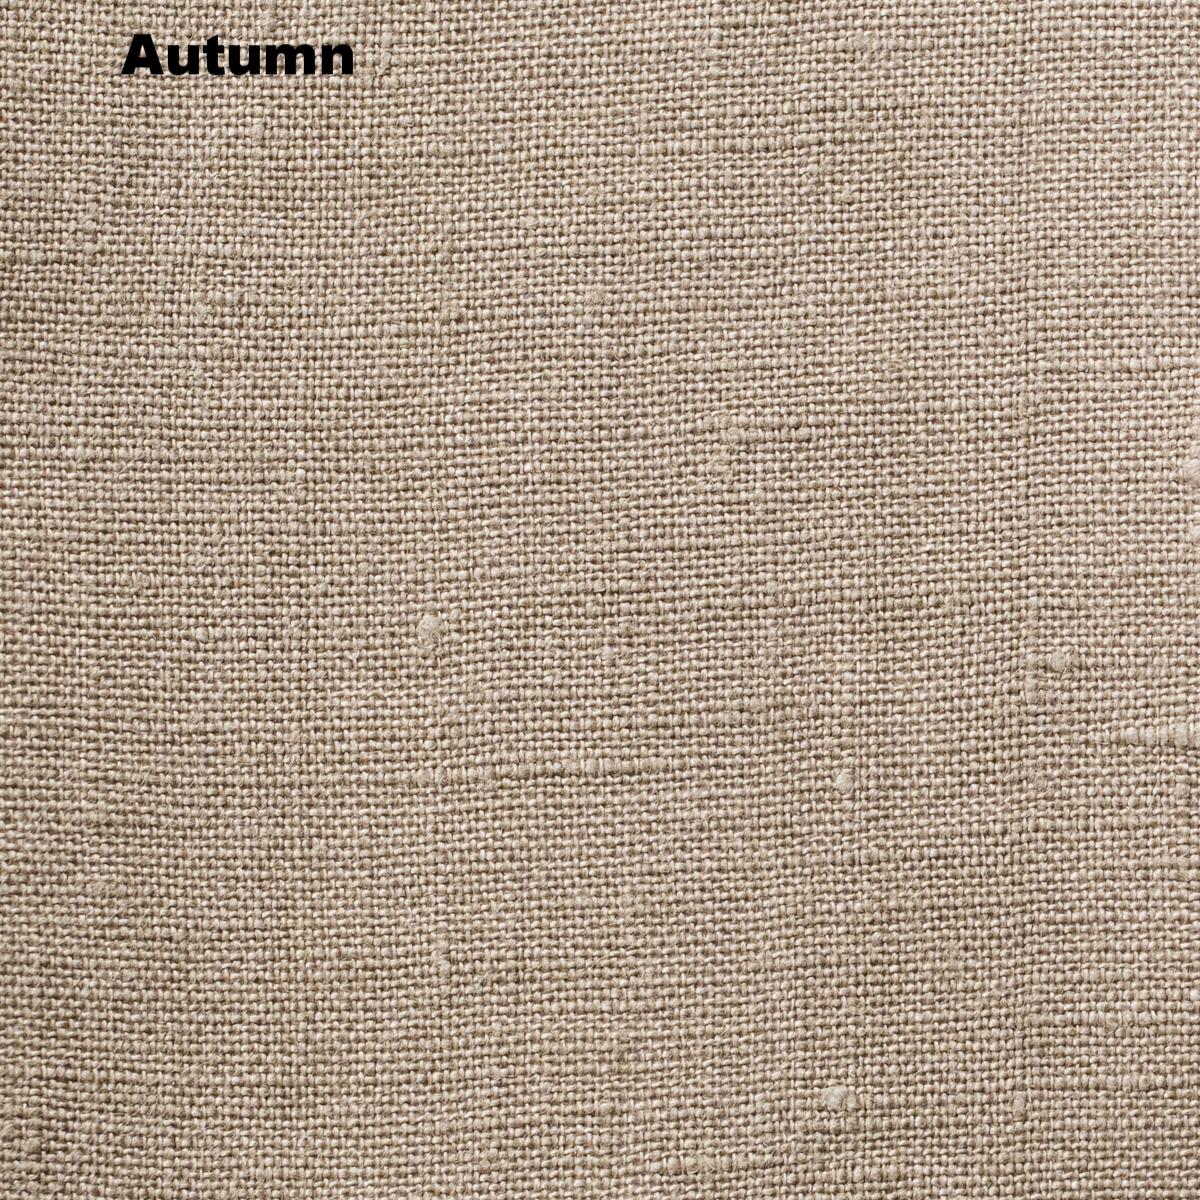 06_autumn.jpg